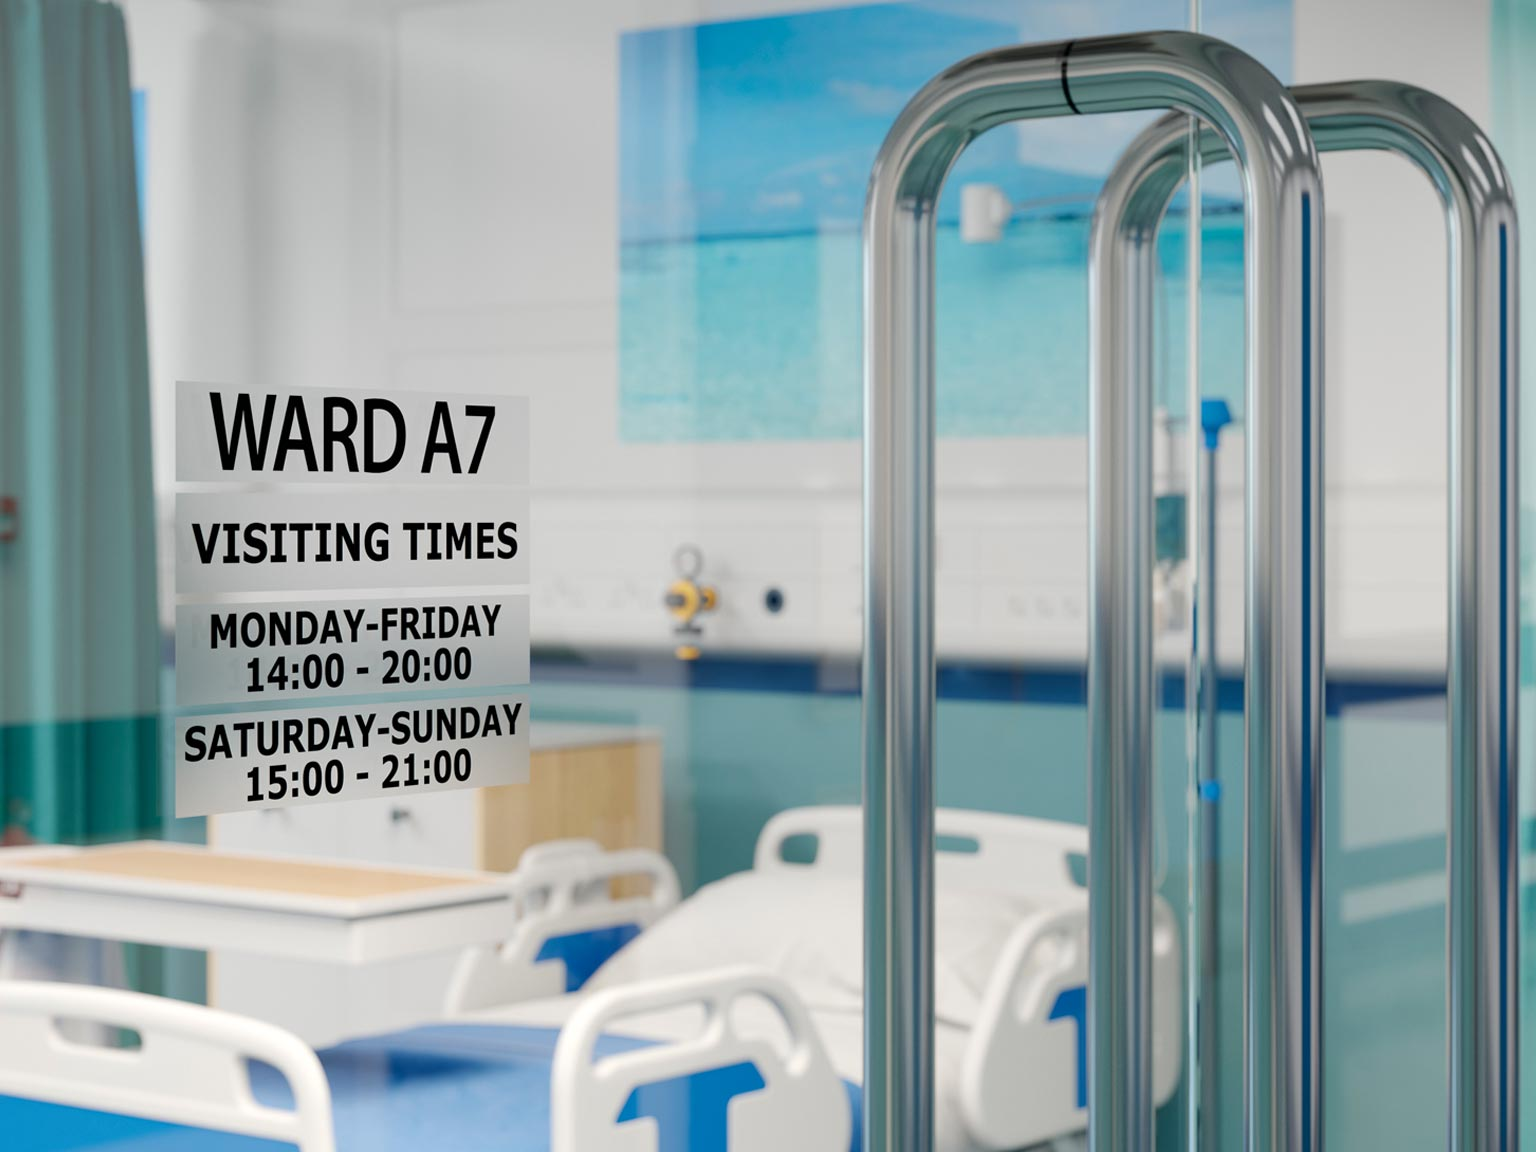 Pokyny na dveřích nemocničního oddělení zobrazující časy návštěv. Použití kazety s páskou černá na průsvitné